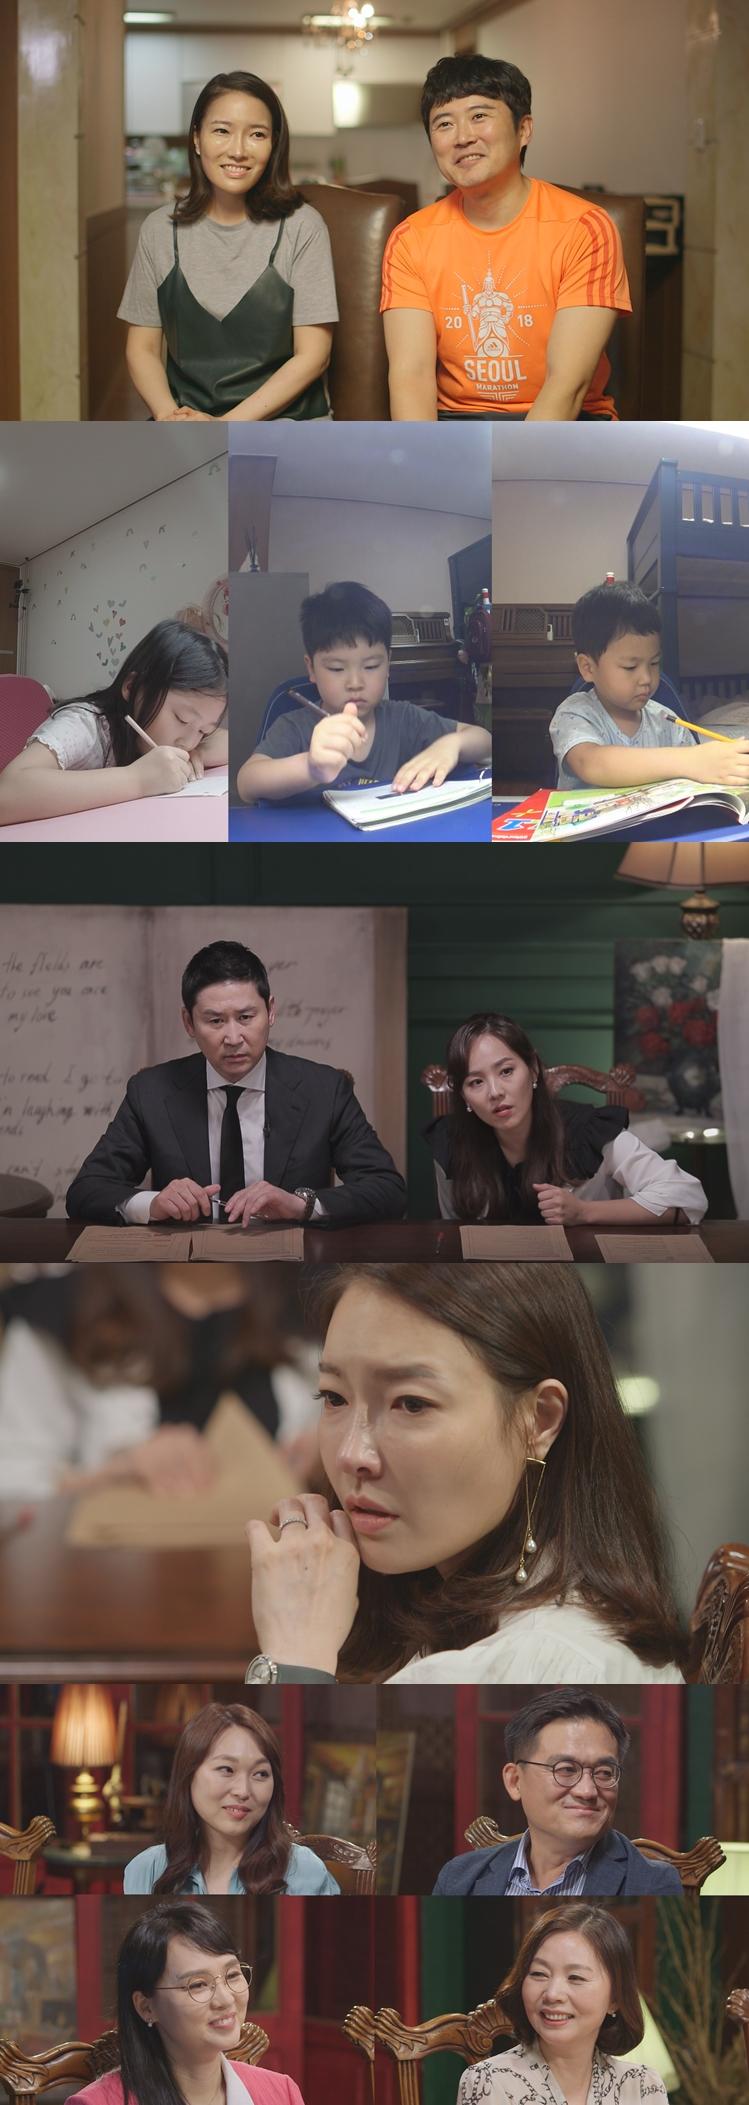 22일 첫방송된 MBC '공부가 머니?'에서는 삼남매를 키우는 배우 임호 부부의 자녀 교육 고민이 소개됐다. [MBC 캡처]